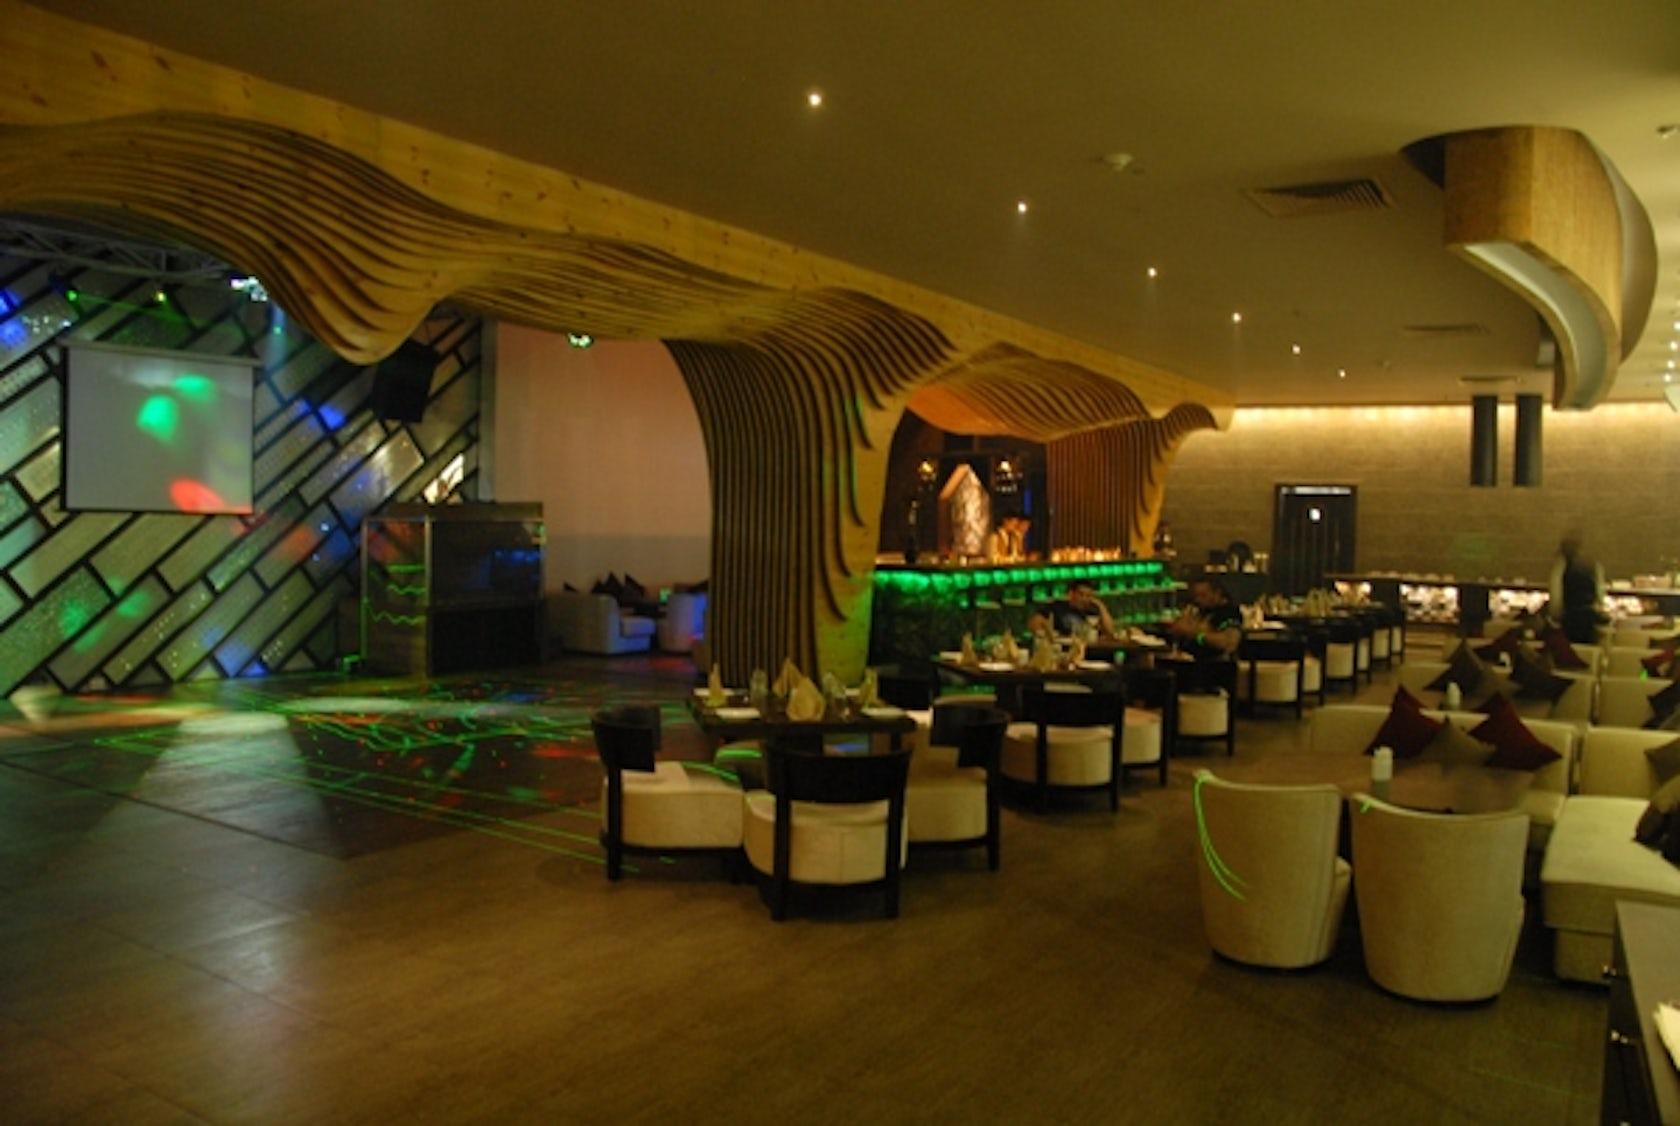 Hops lounge bar architizer